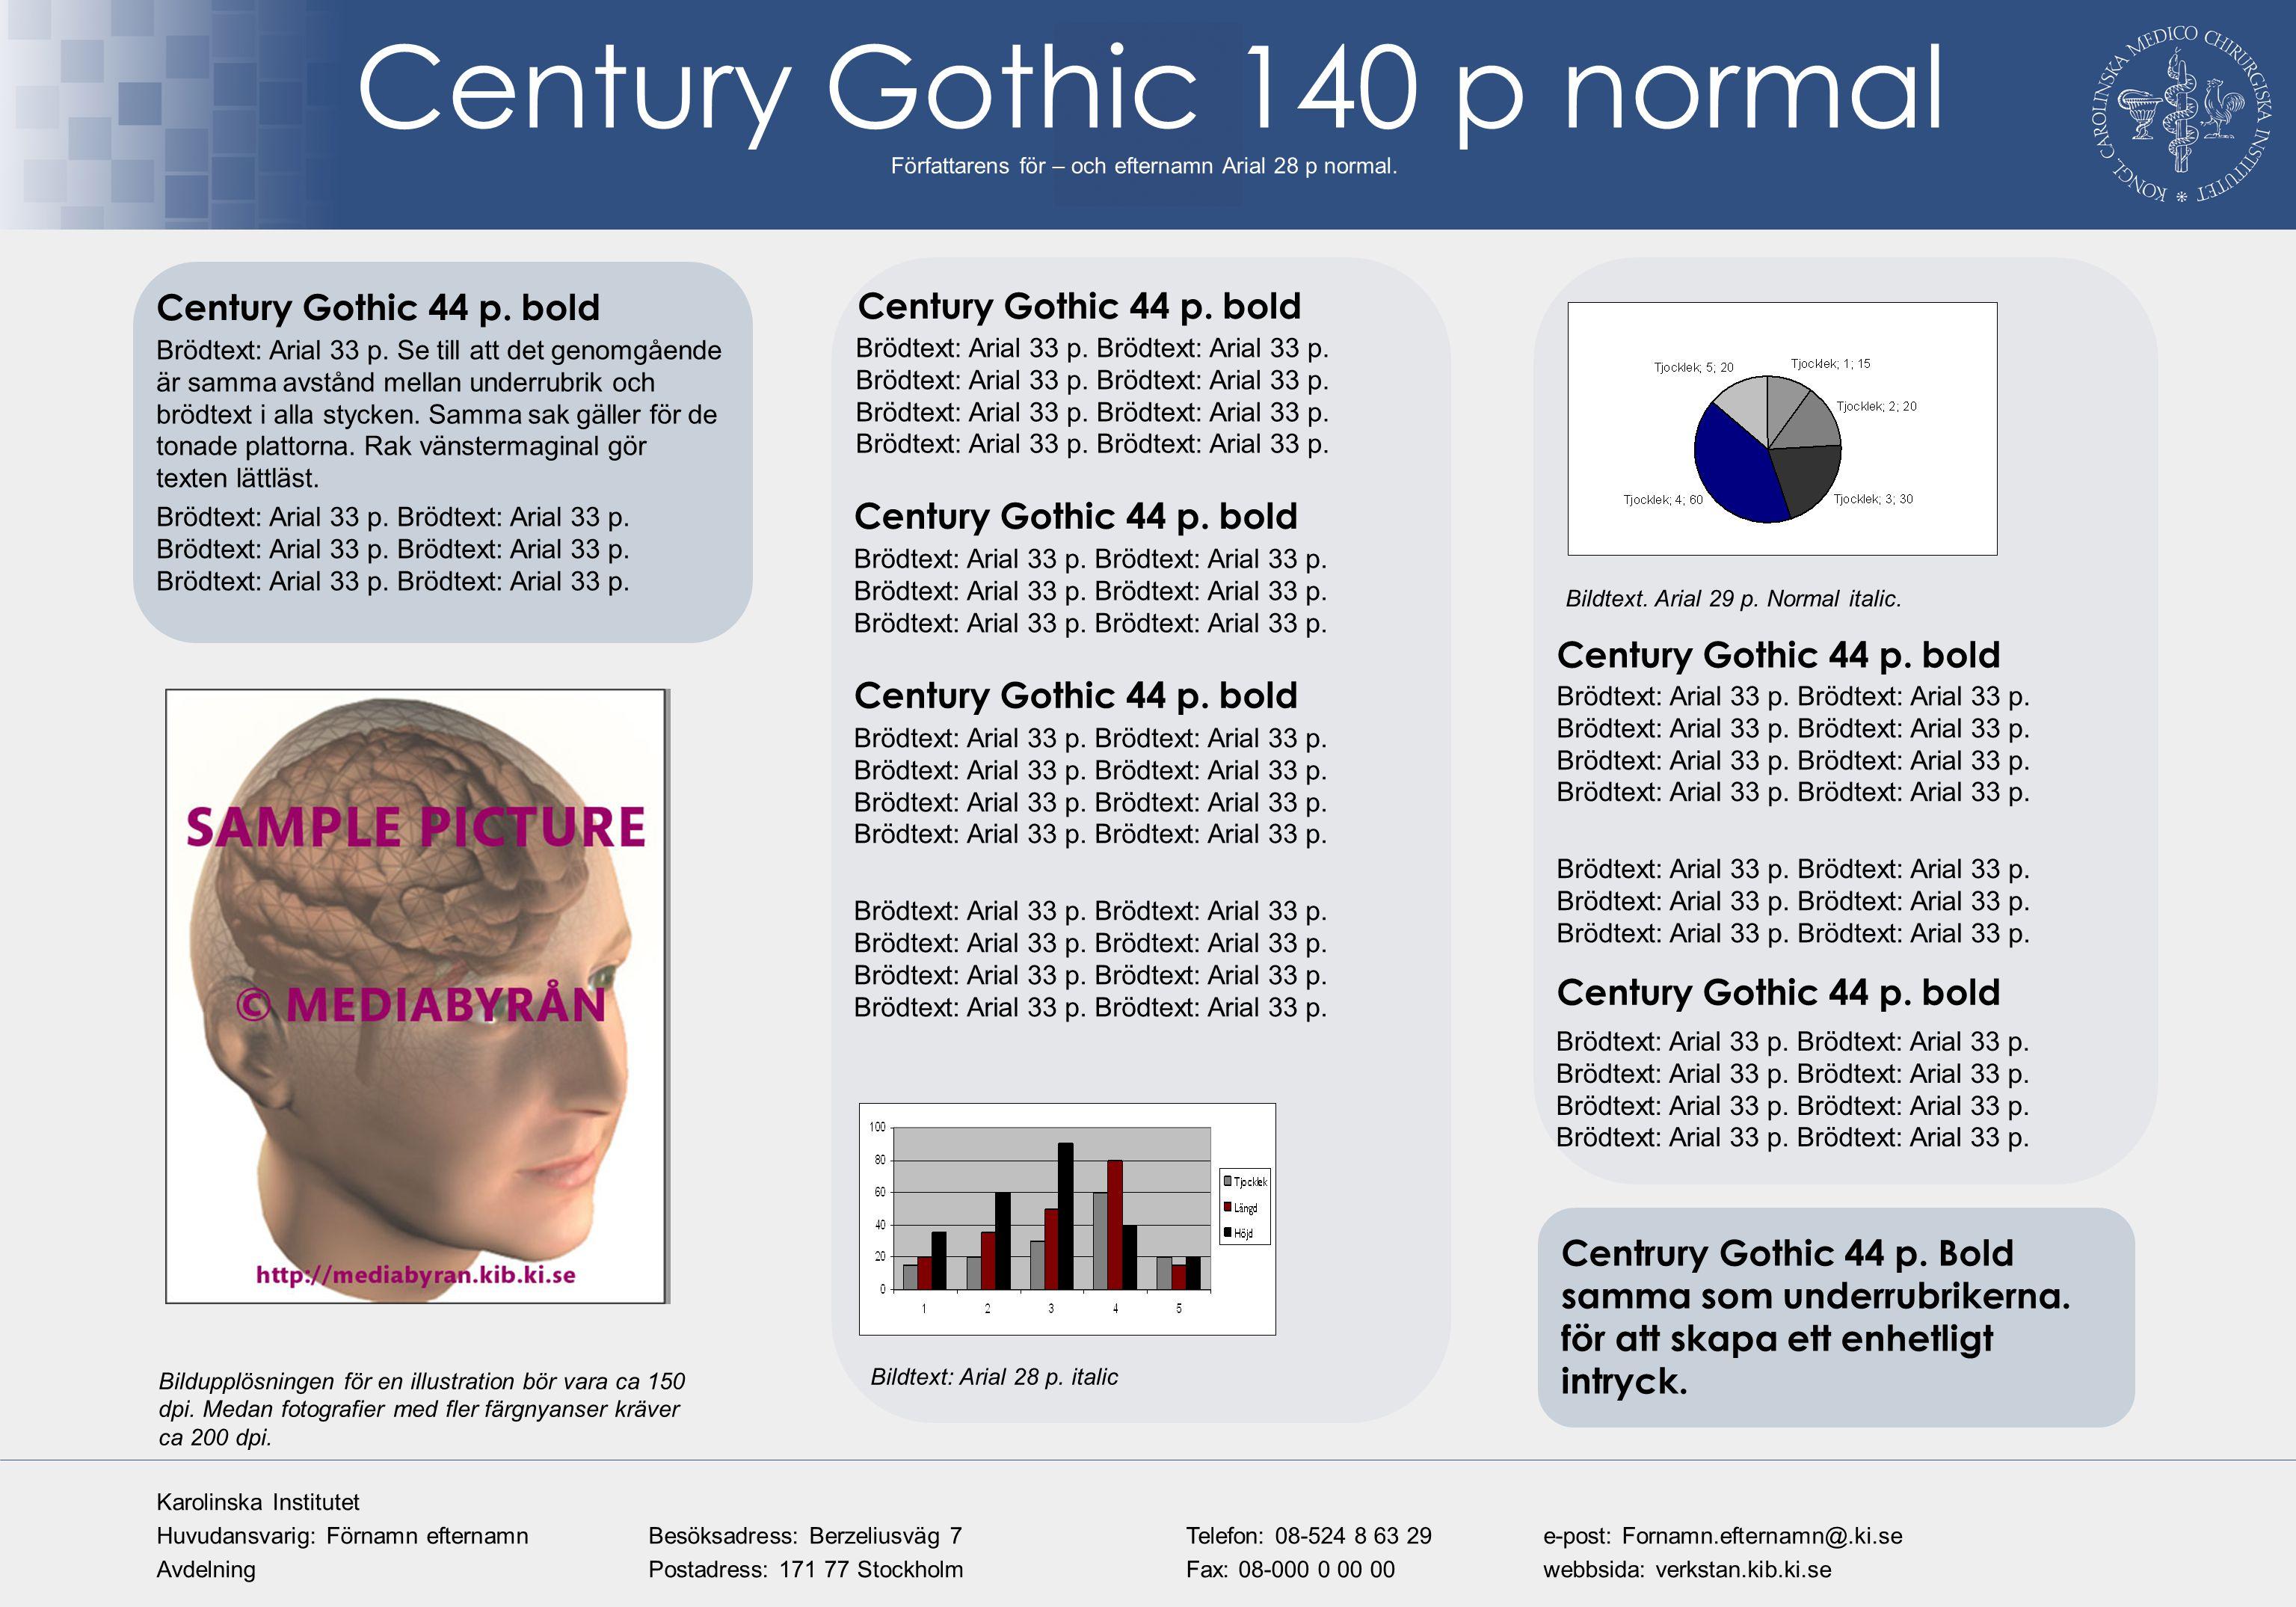 Century Gothic 140 p normal